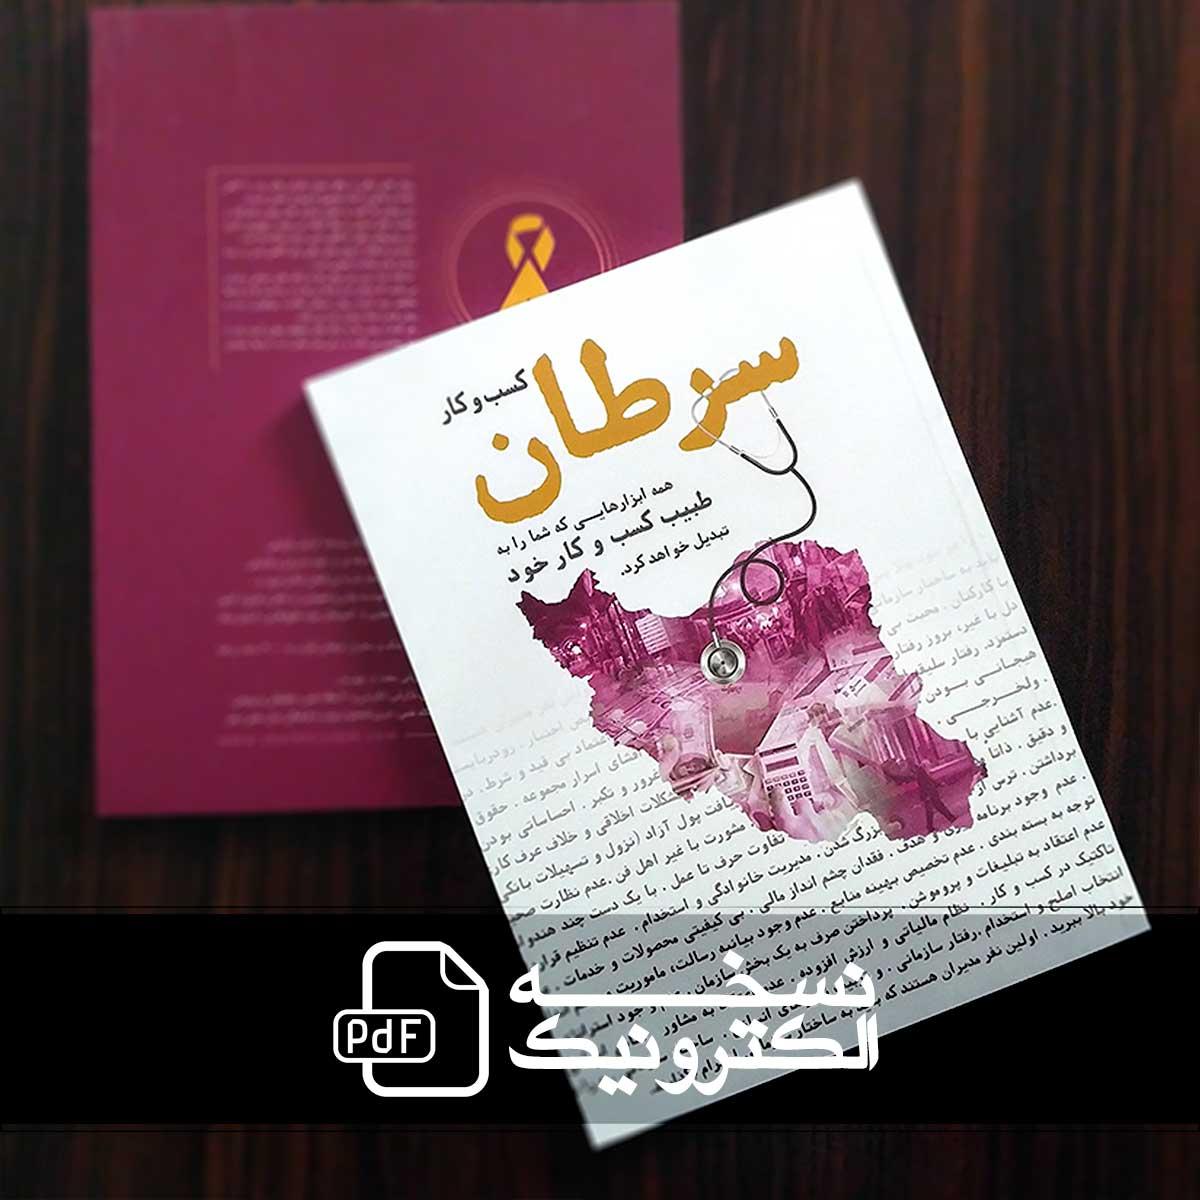 سرطان کسب و کار علی شیخ زاده